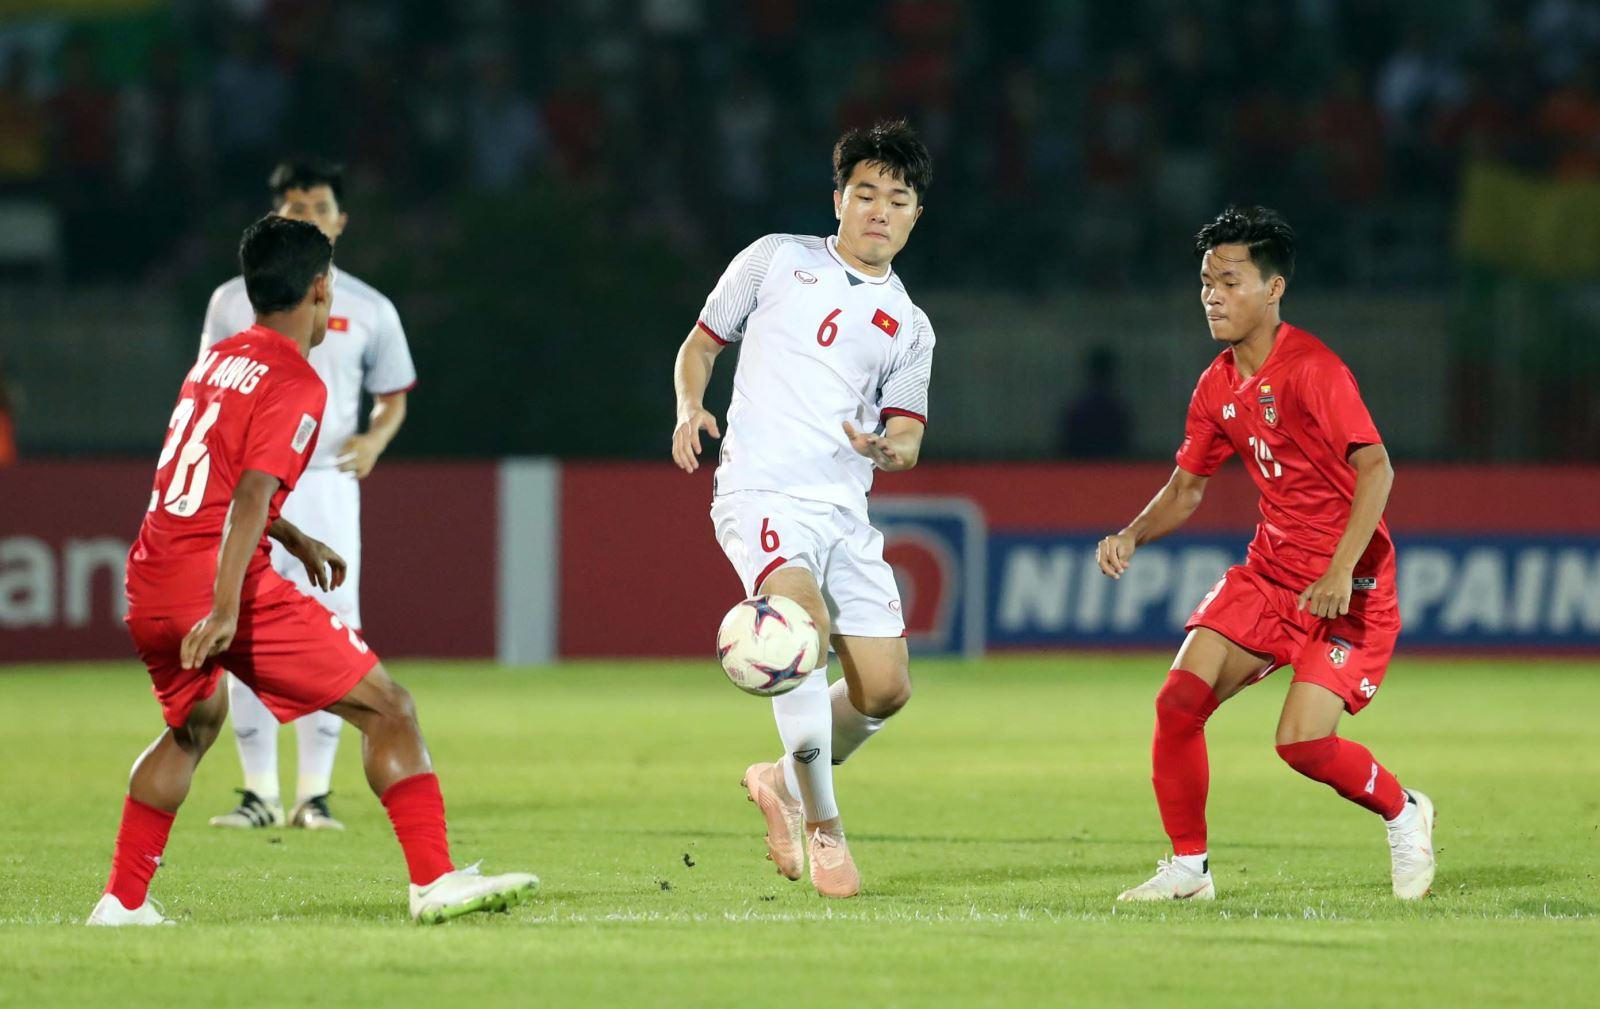 Muốn tiến sâu ASIAN Cup 2019, tuyển Việt Nam cần hạn chế bàn thua từ 'bóng chết'